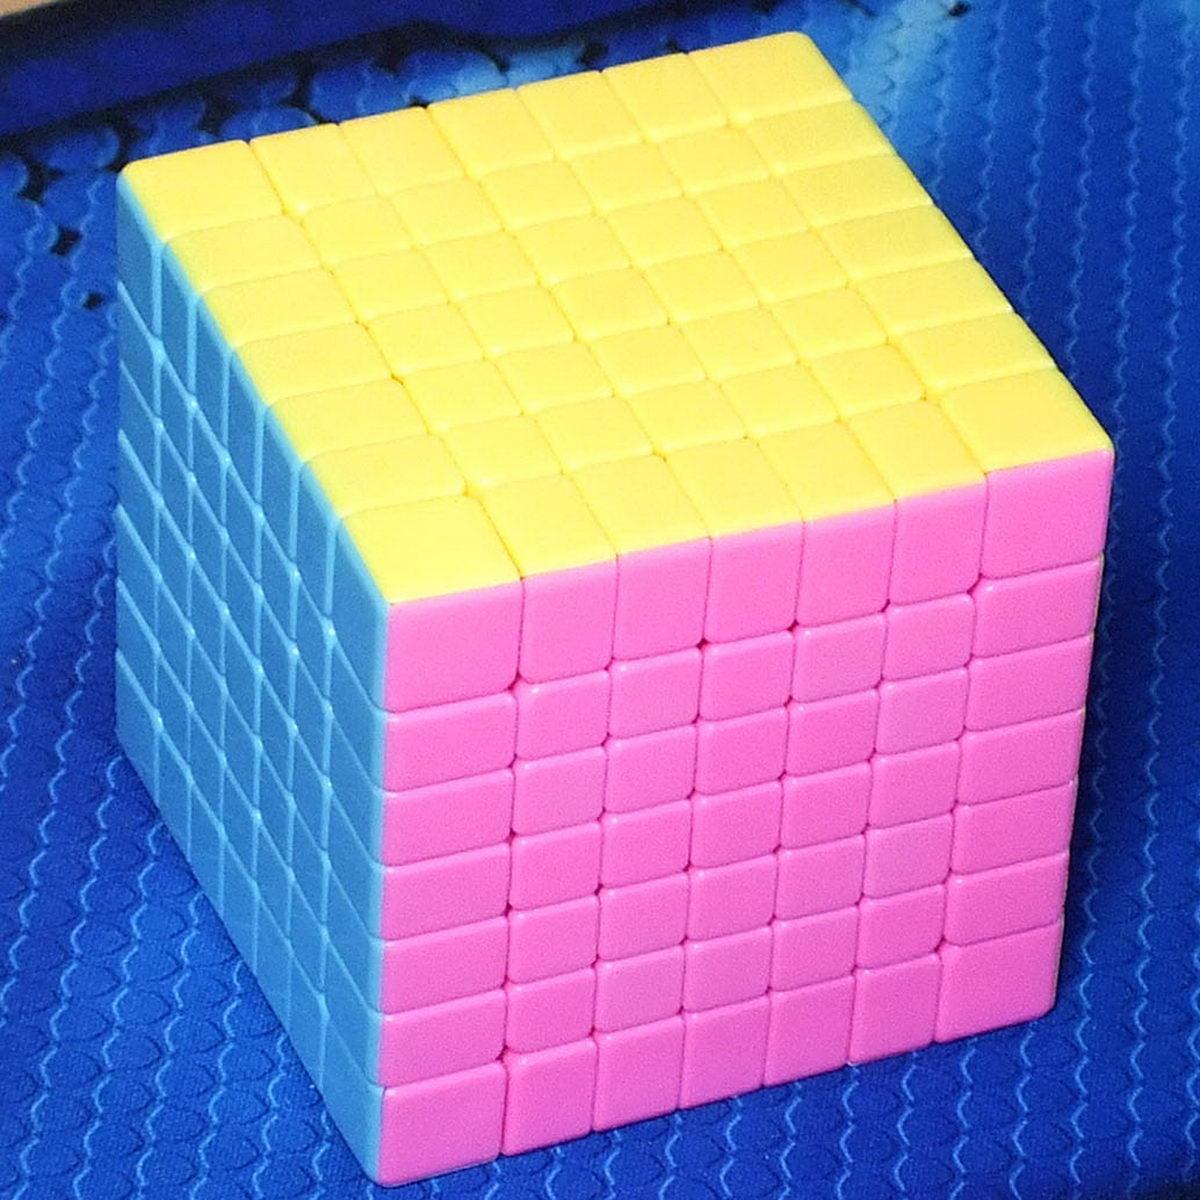 Moyu Aofu GT 7x7 stickerless pink